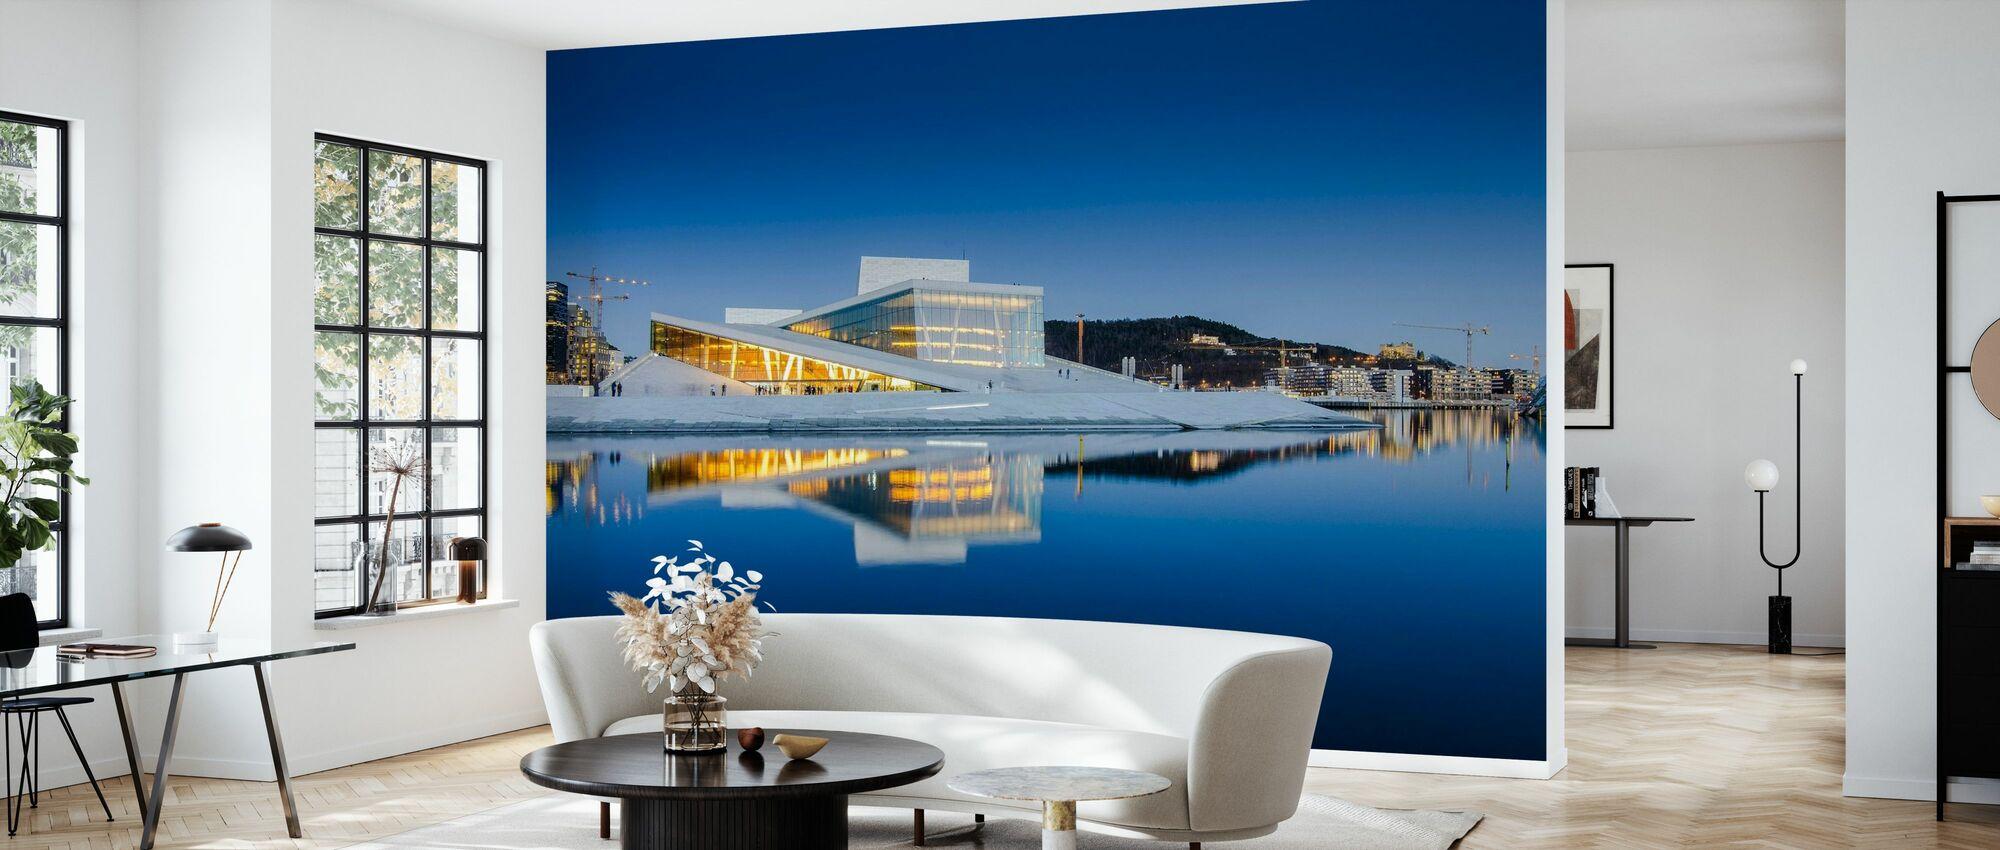 Teatro dell'Opera di Oslo di notte - Carta da parati - Salotto